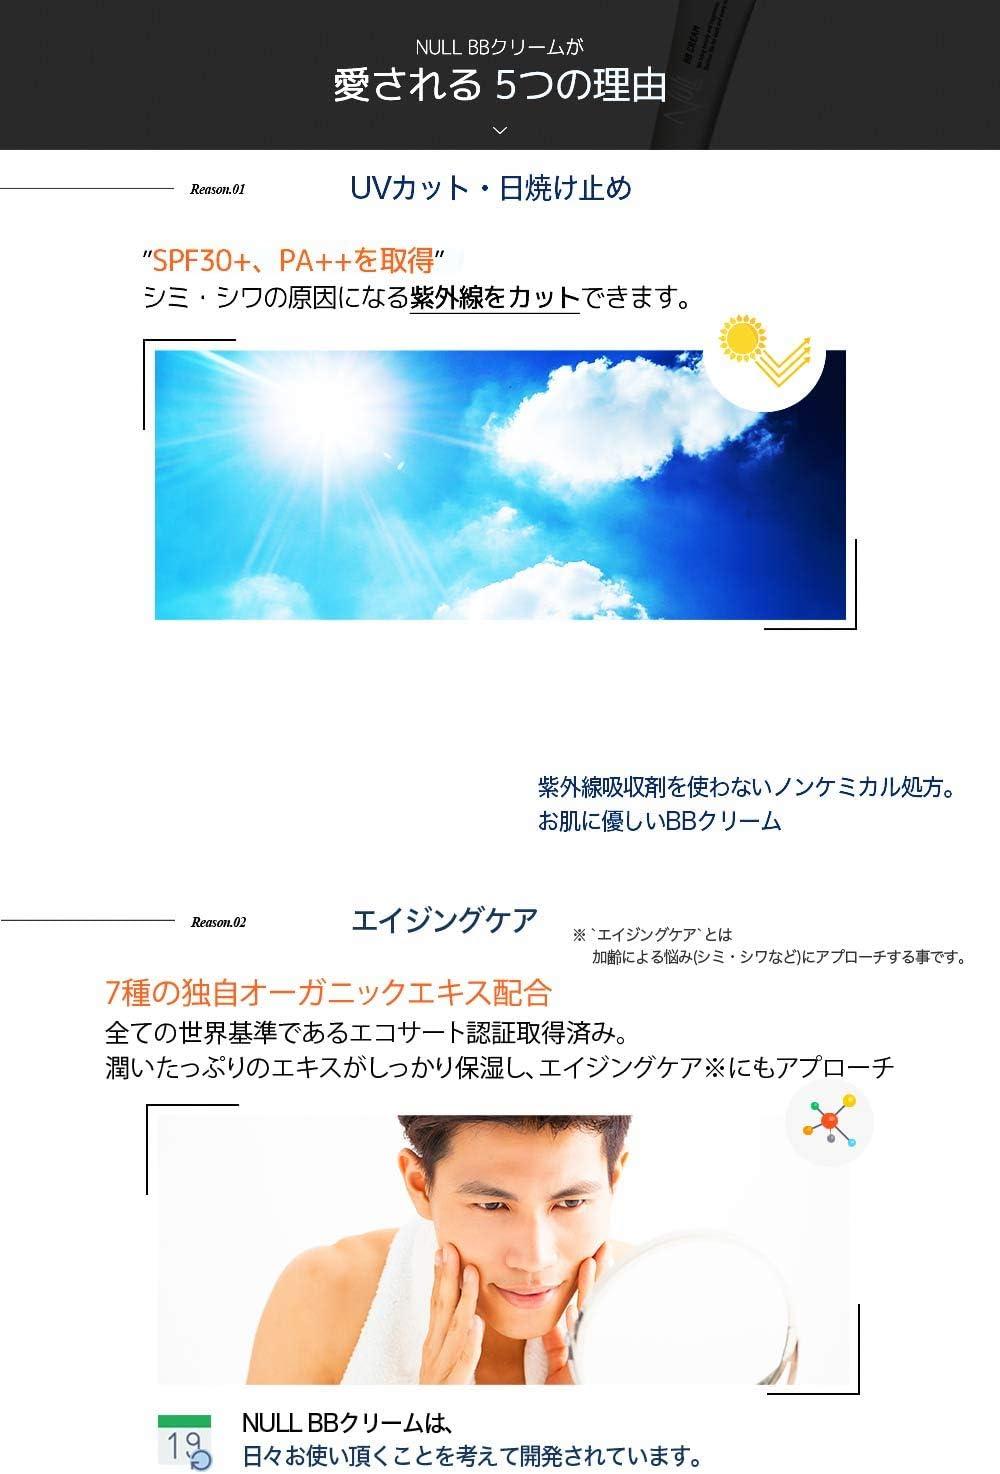 Thumbnail of NULL BBクリーム メンズ コンシーラー ファンデーション 20g SPF303$